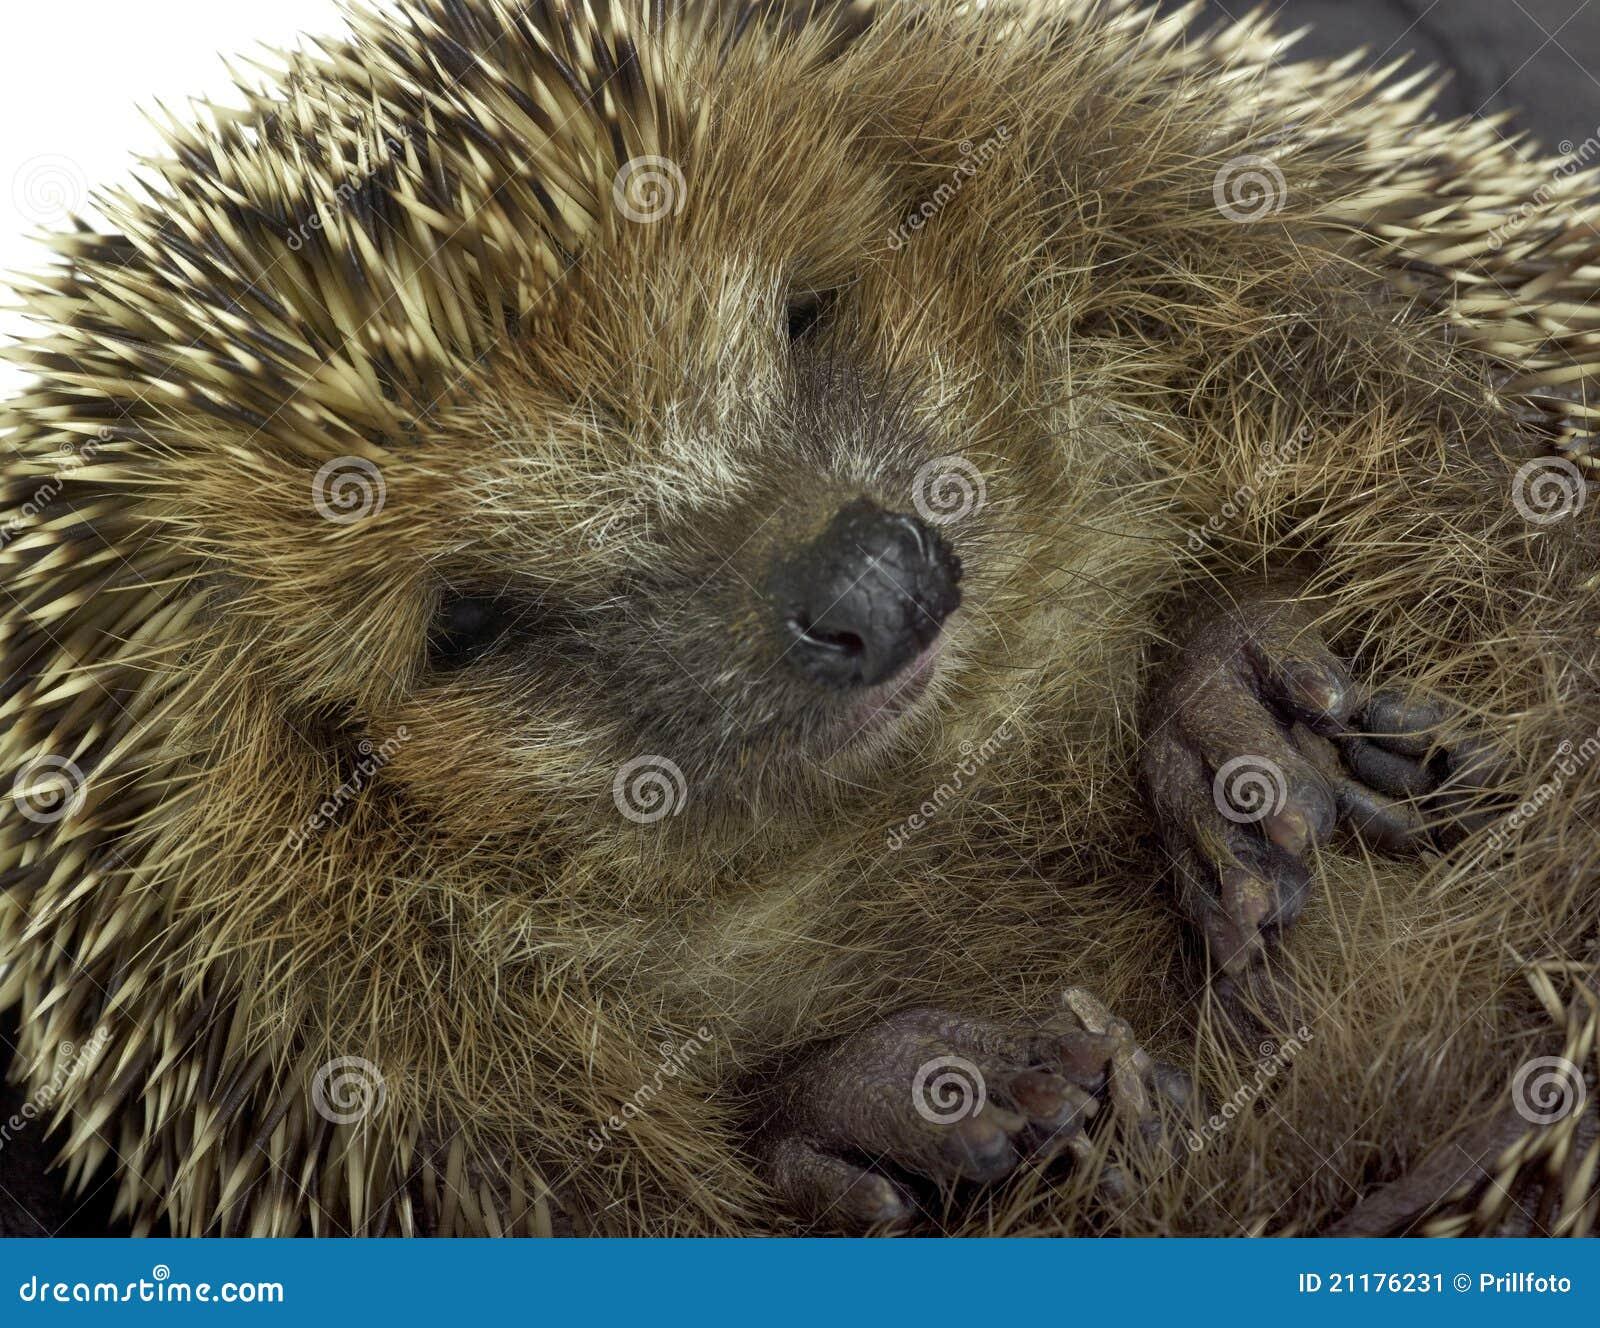 Rolled-up hedgehog portrait